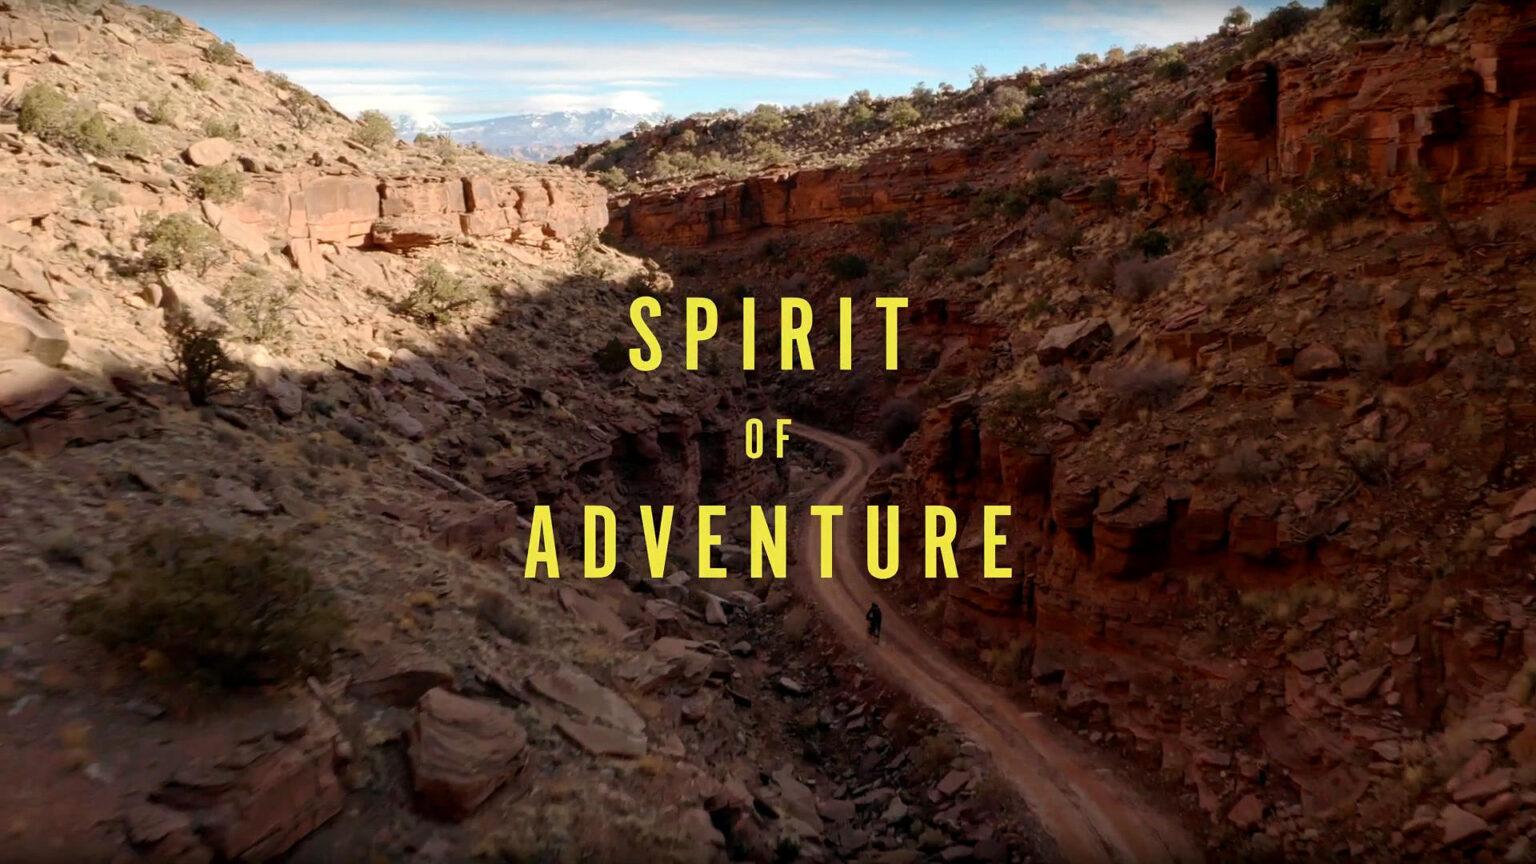 Spirit of Adventure: